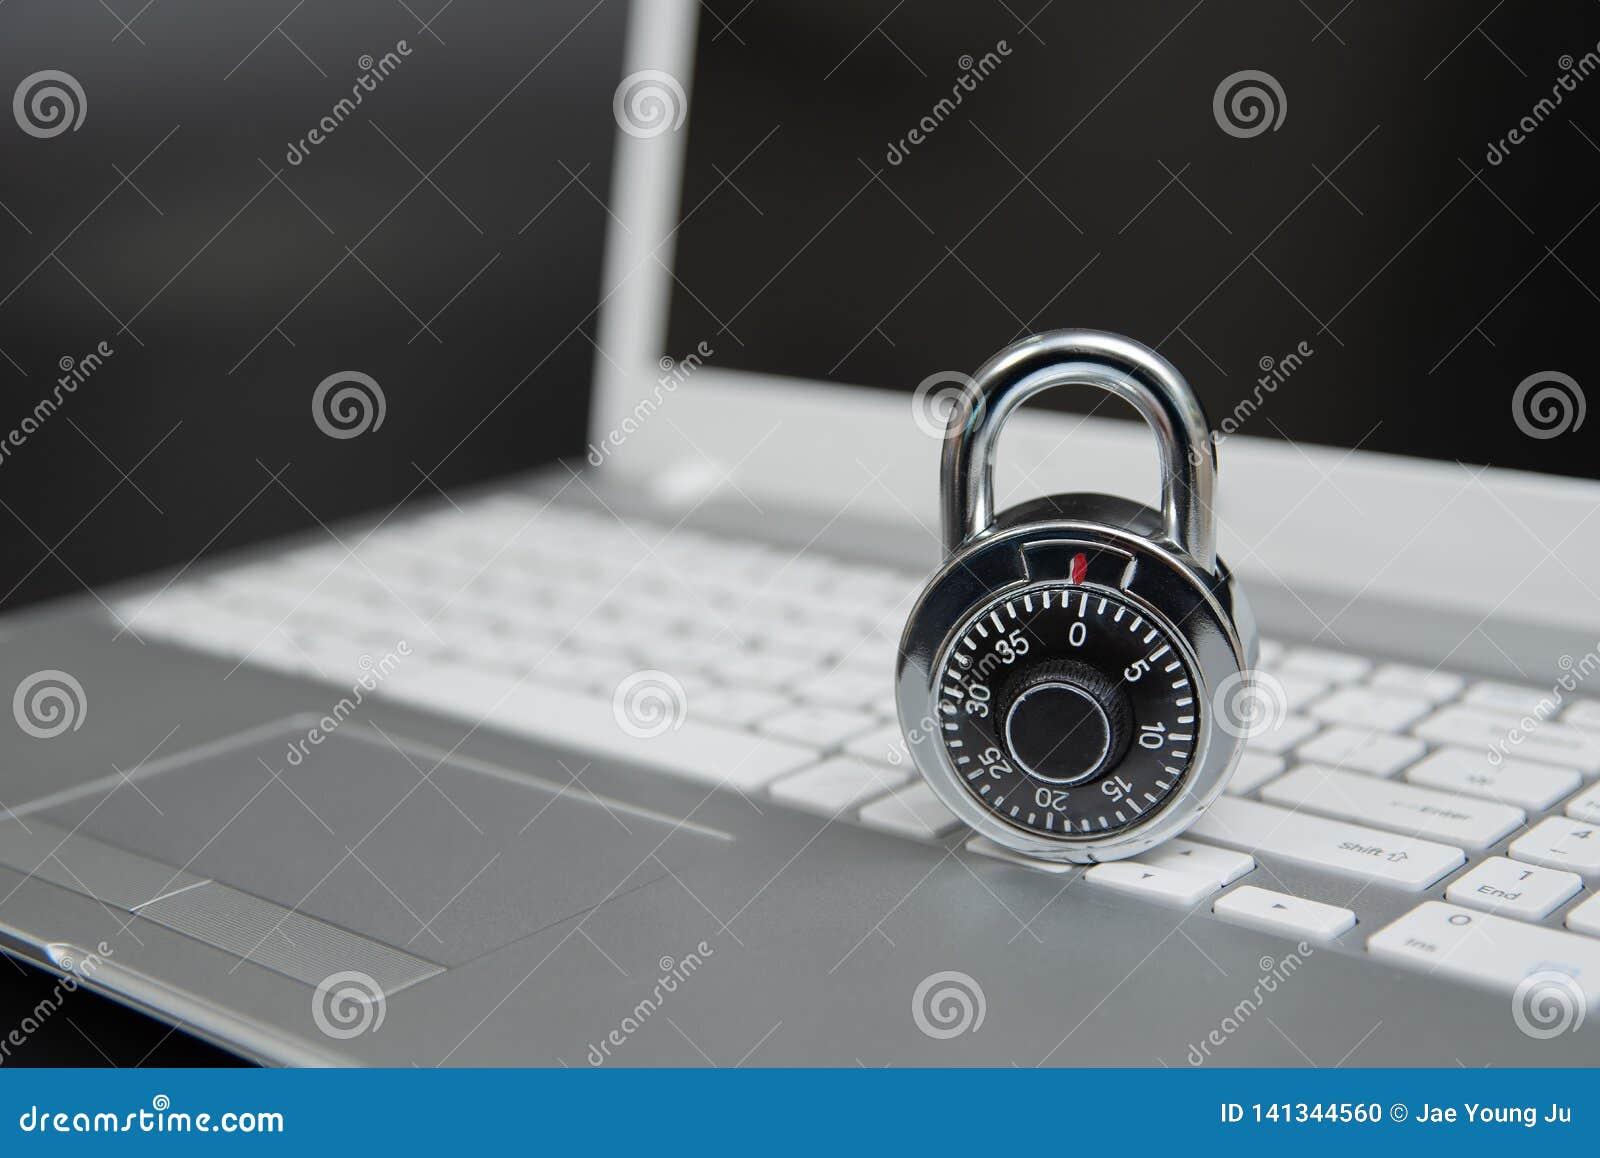 Bezpieczeństwa komputerowego pojęcie, kłódka na laptop klawiaturze